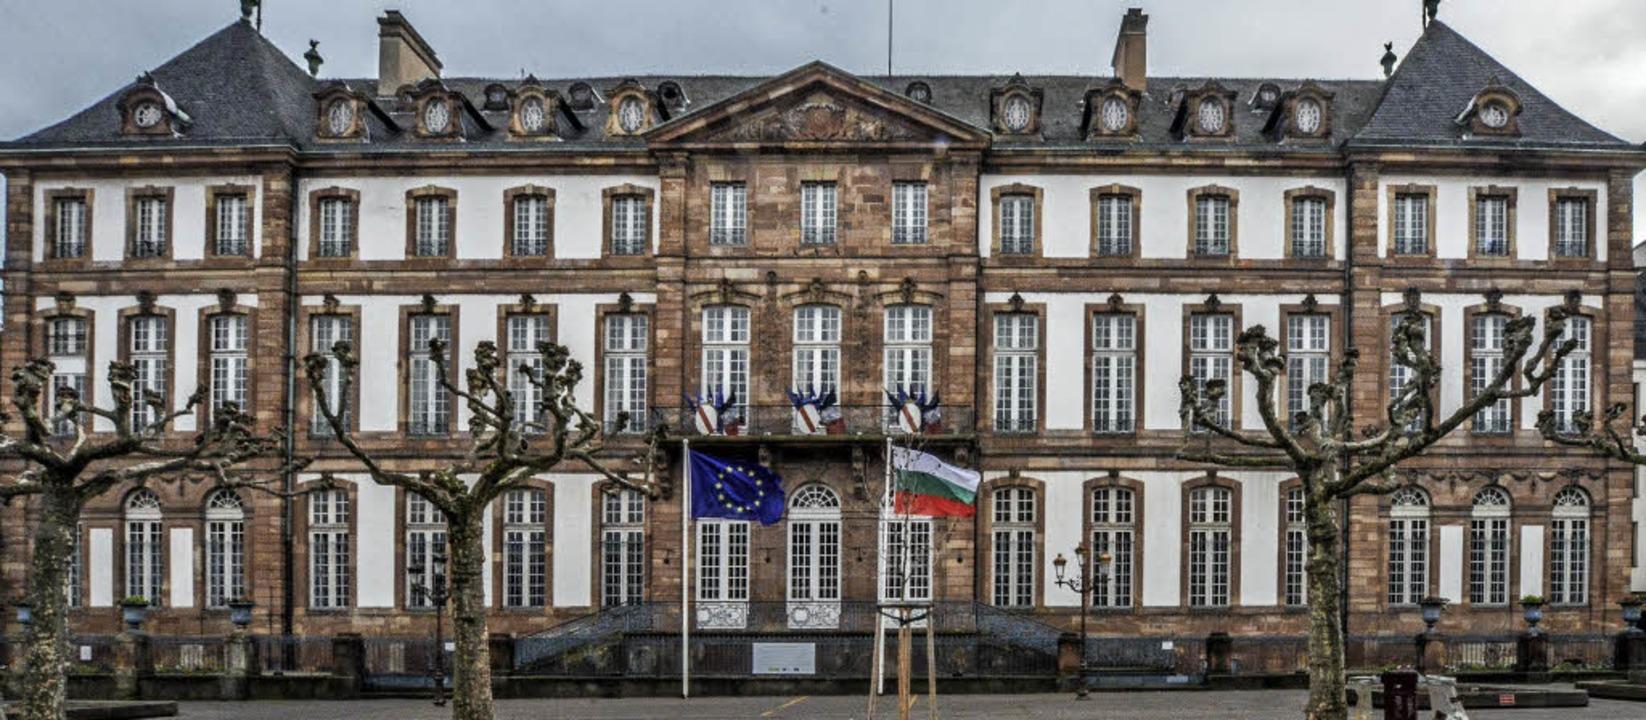 Das Stadtpalais aus dem 18. Jahrhunder...net, muss es dringend saniert werden.   | Foto: teli